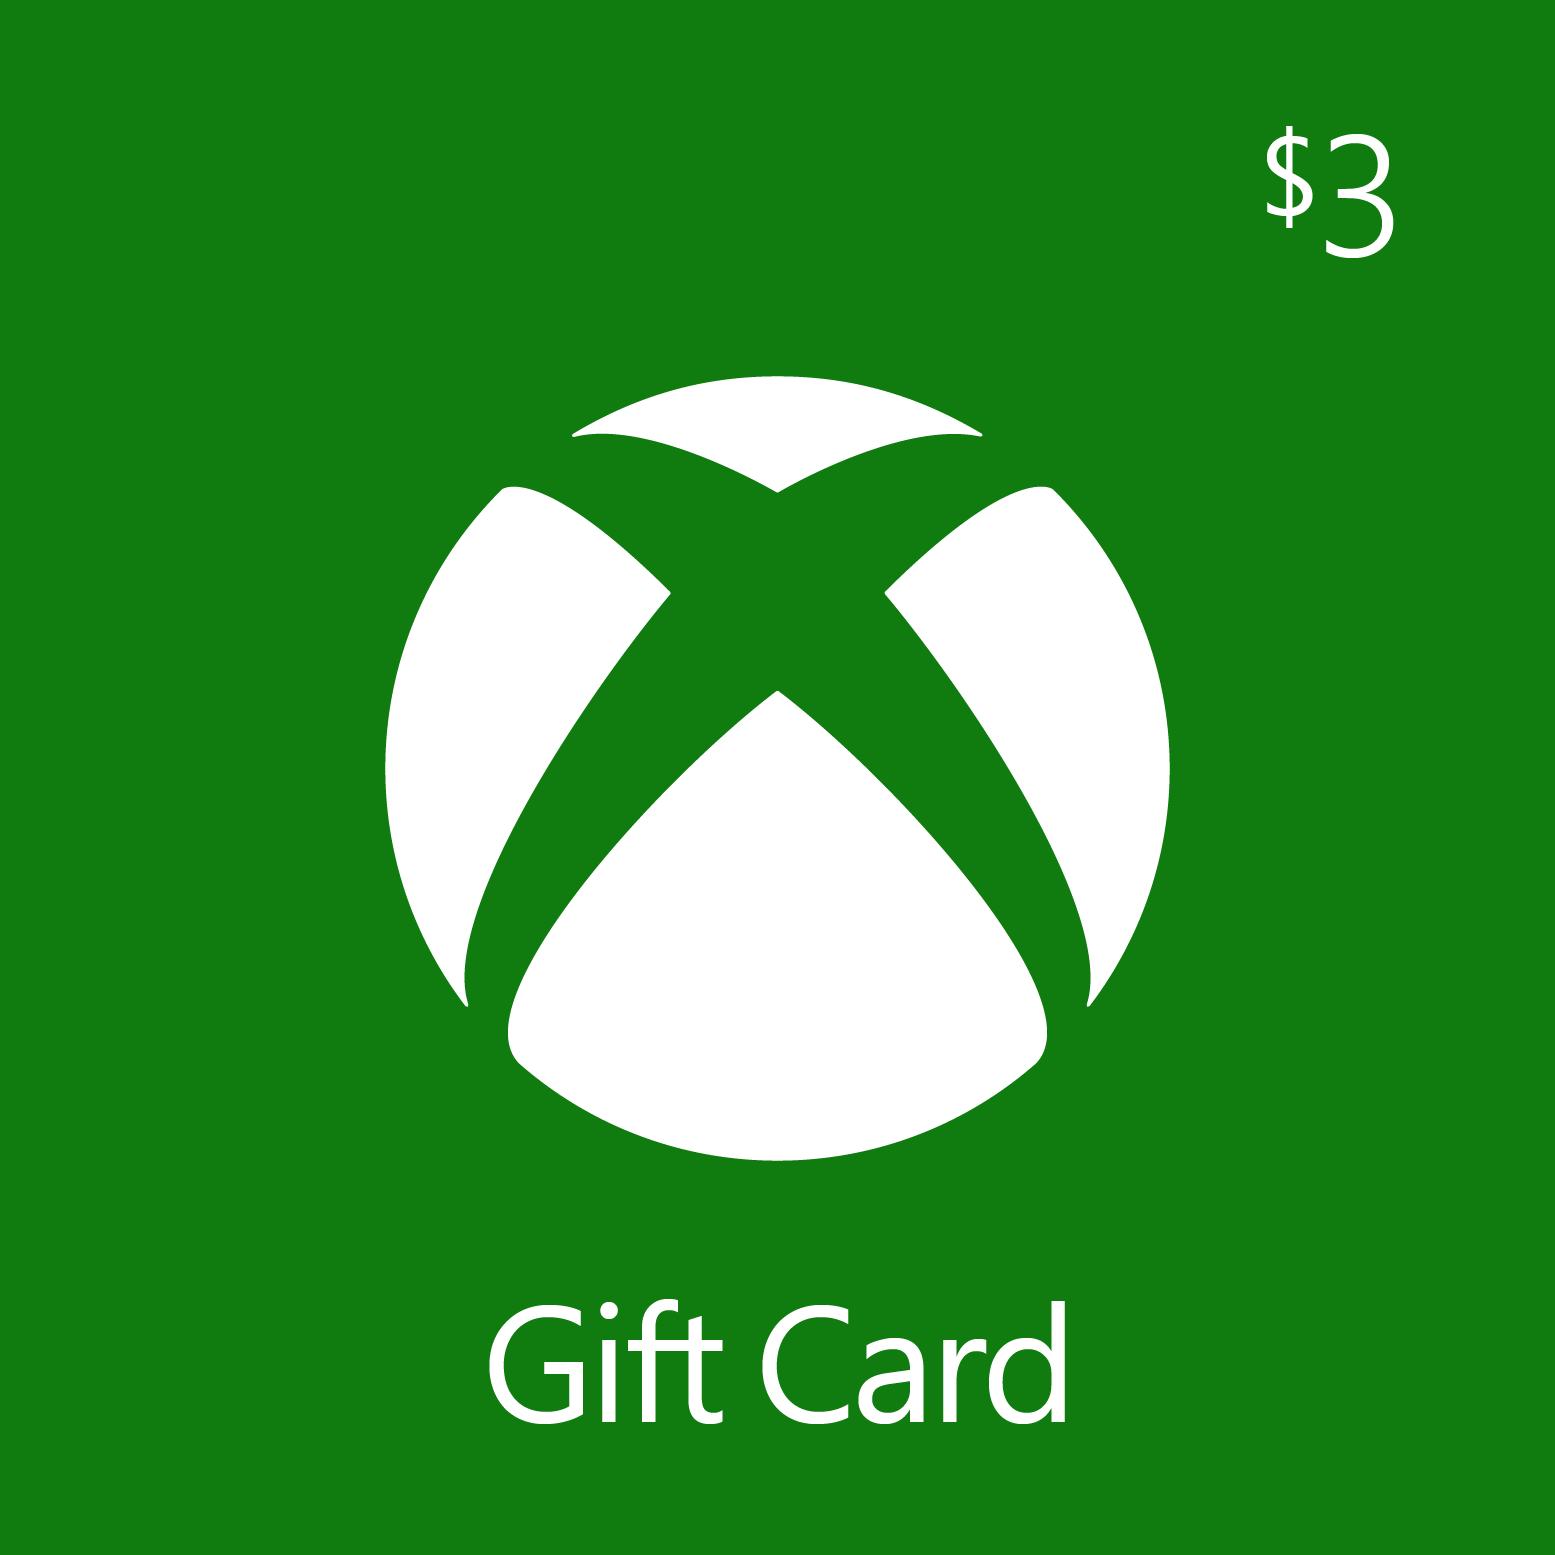 $3.00 Xbox Digital Gift Card